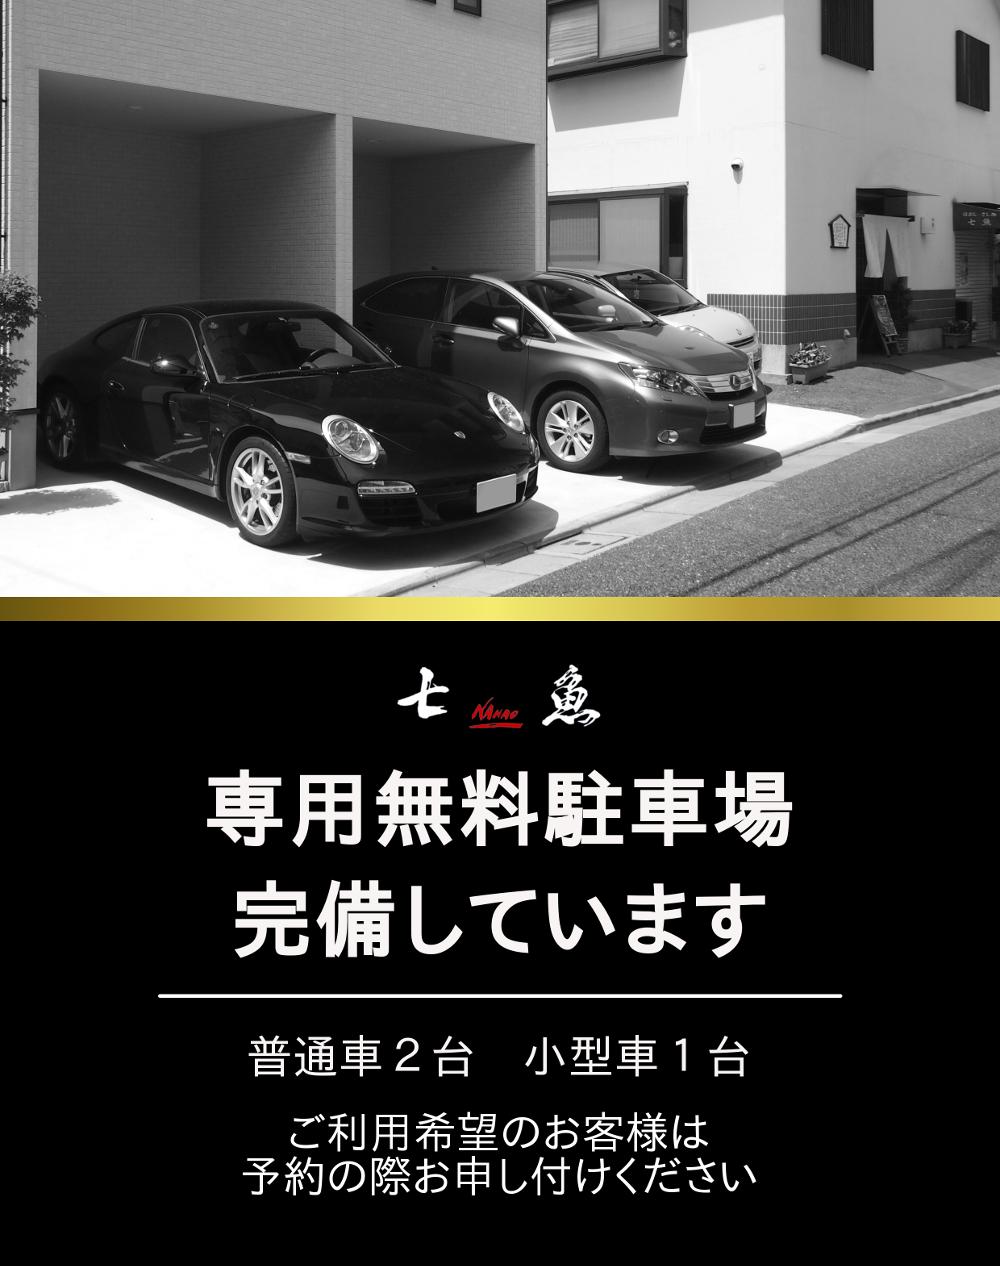 FotoJet Design_parking_gold.png